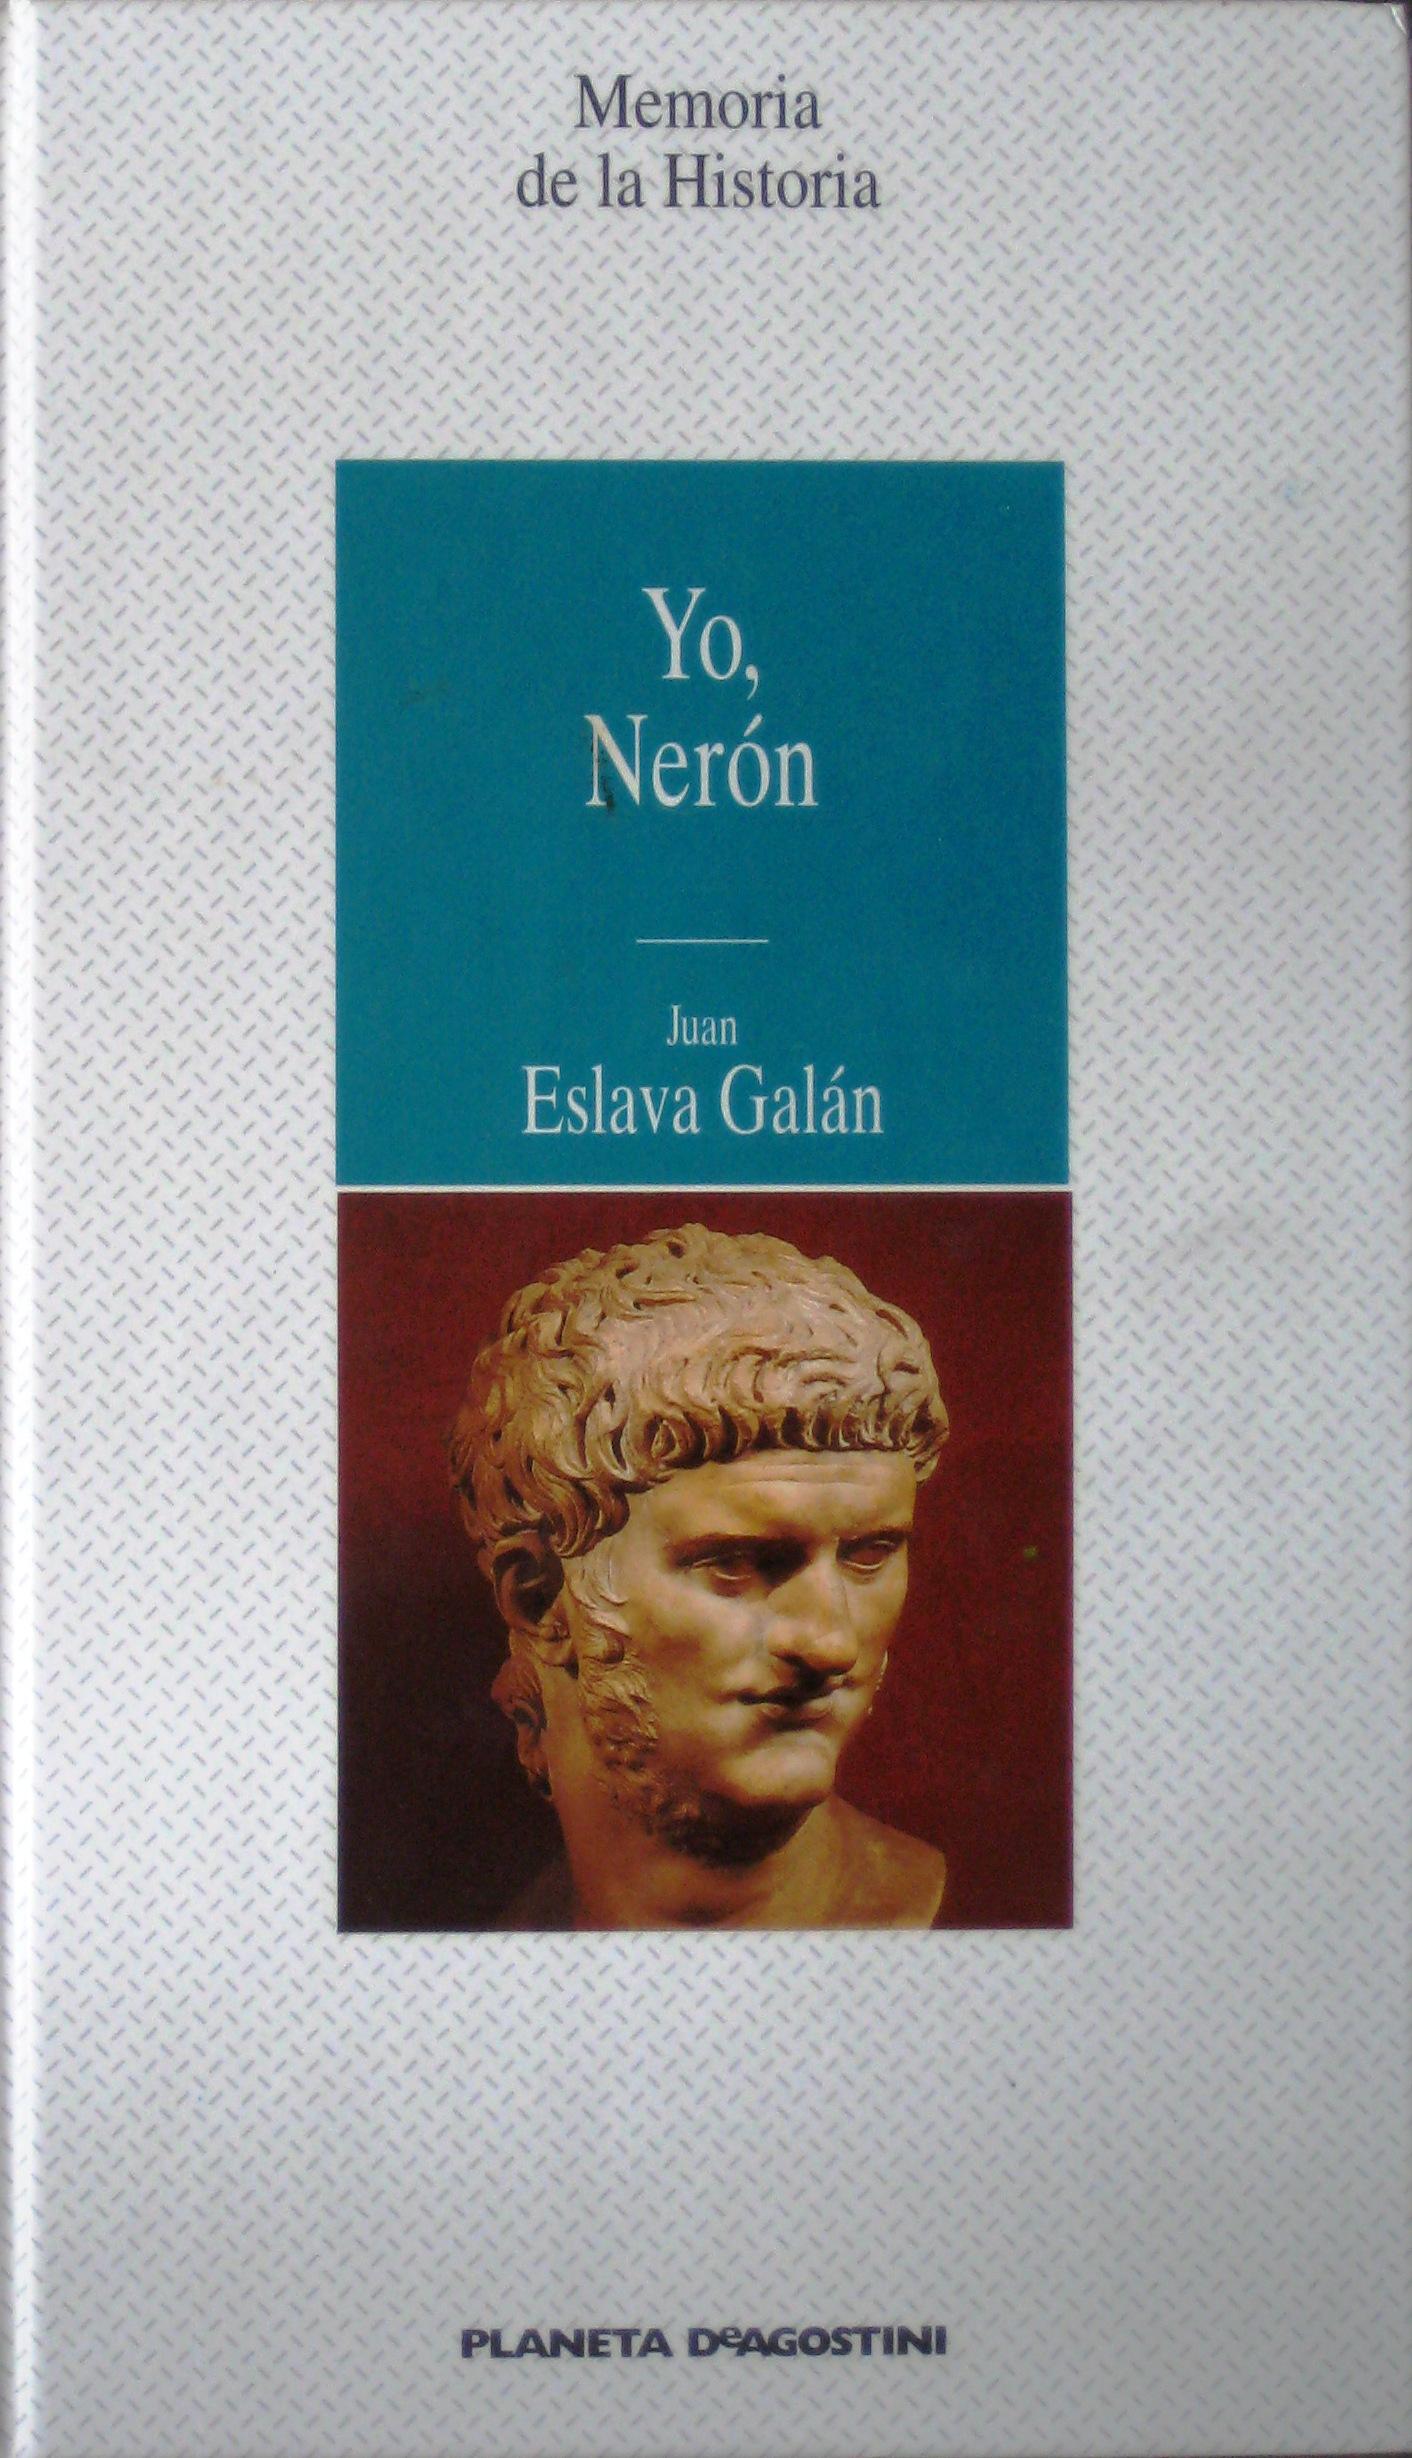 Yo, Neron